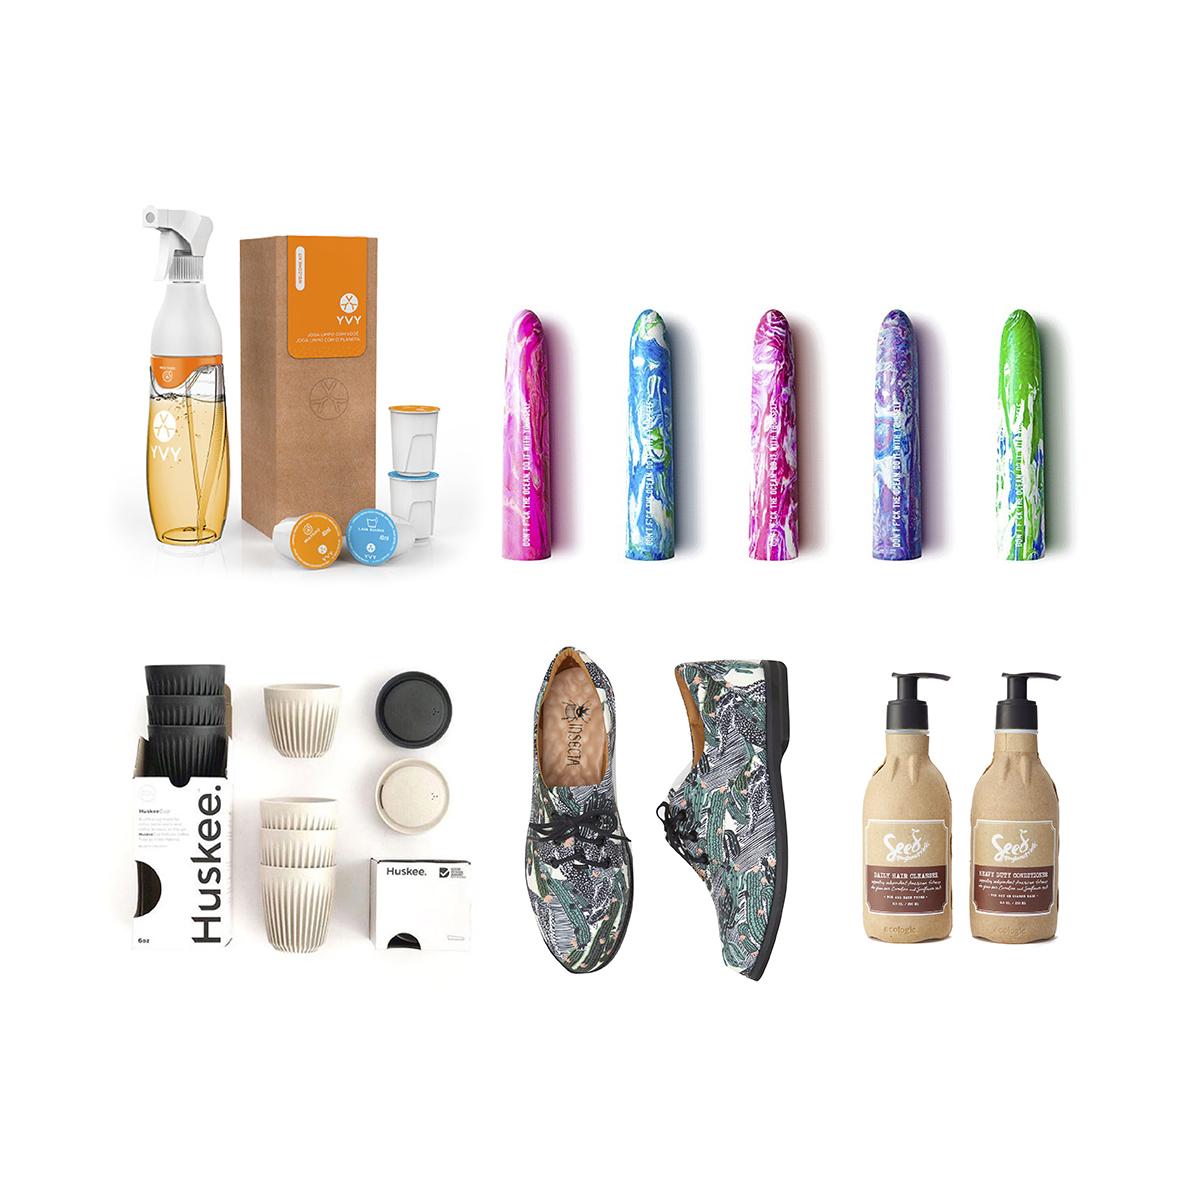 solucoes-ecologicas-sustentavel-design-embalagem